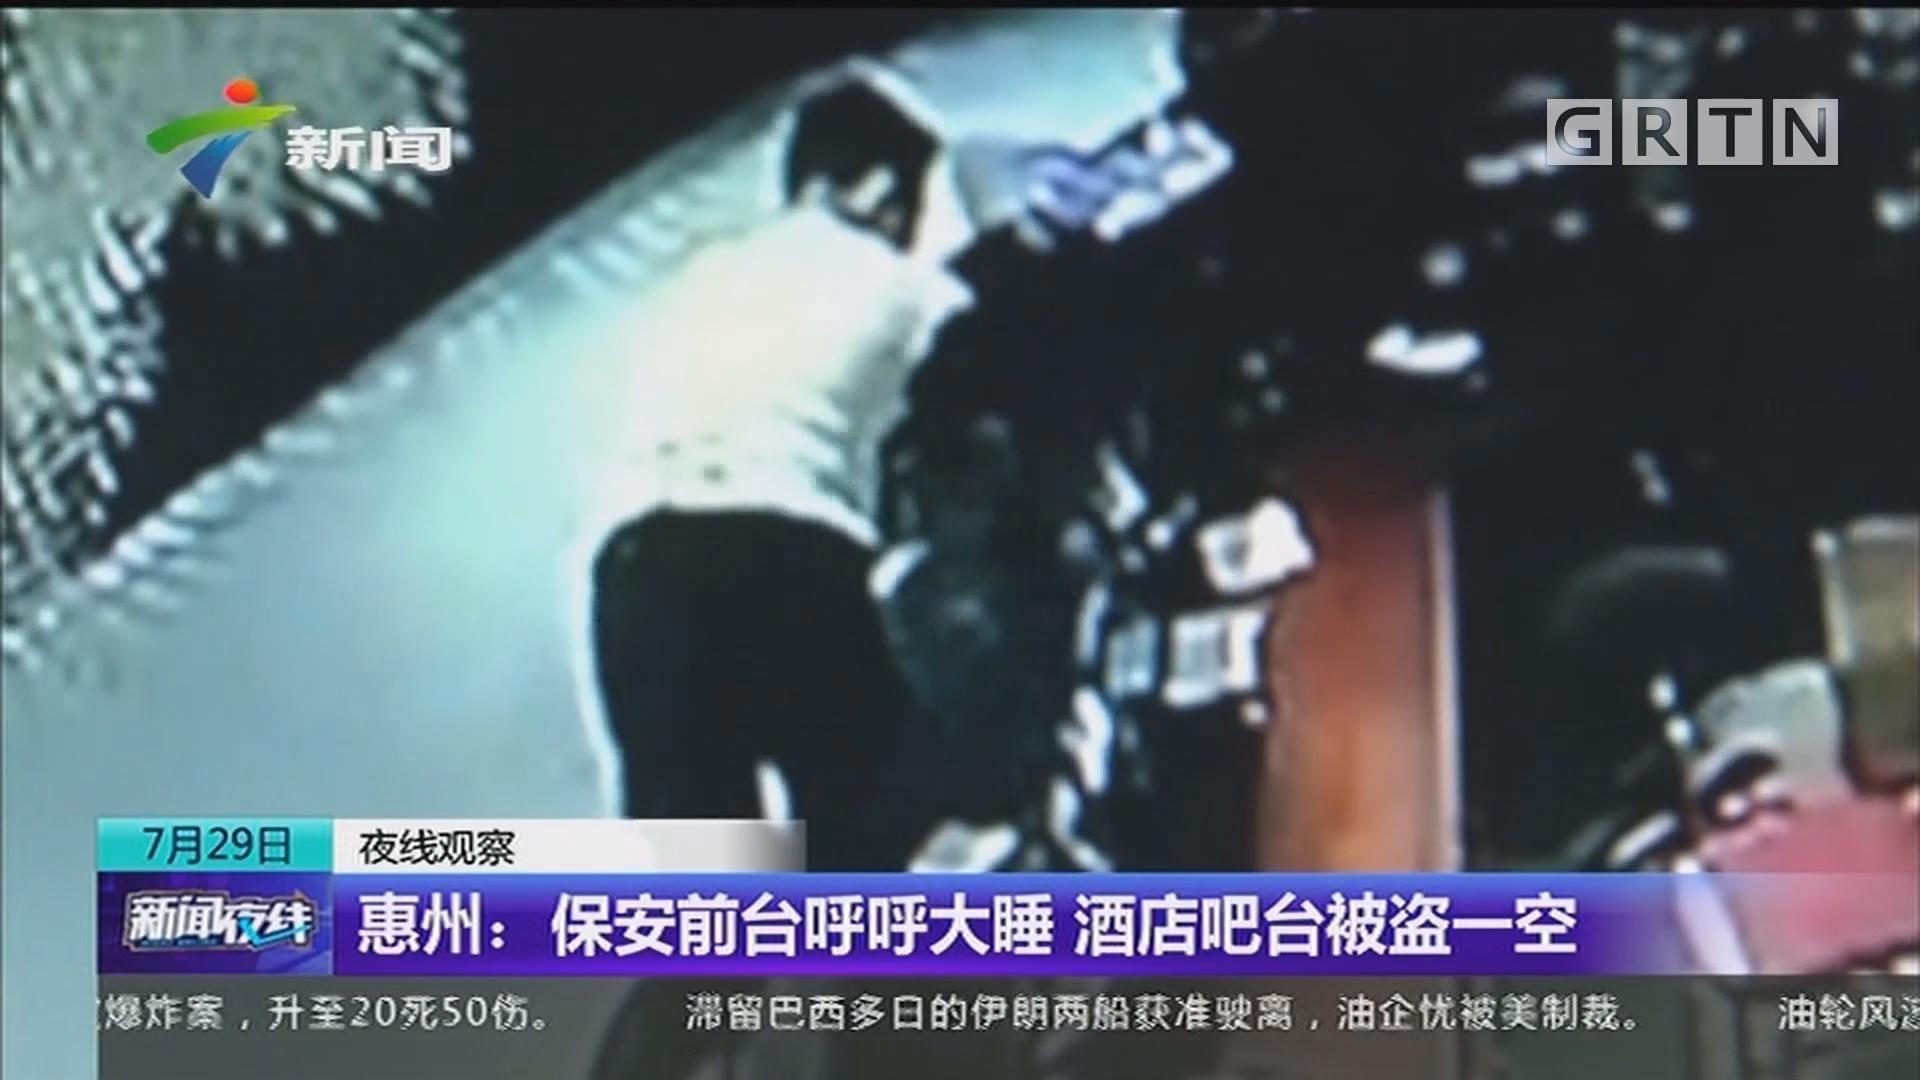 惠州:保安前台呼呼大睡 酒店吧台被盗一空